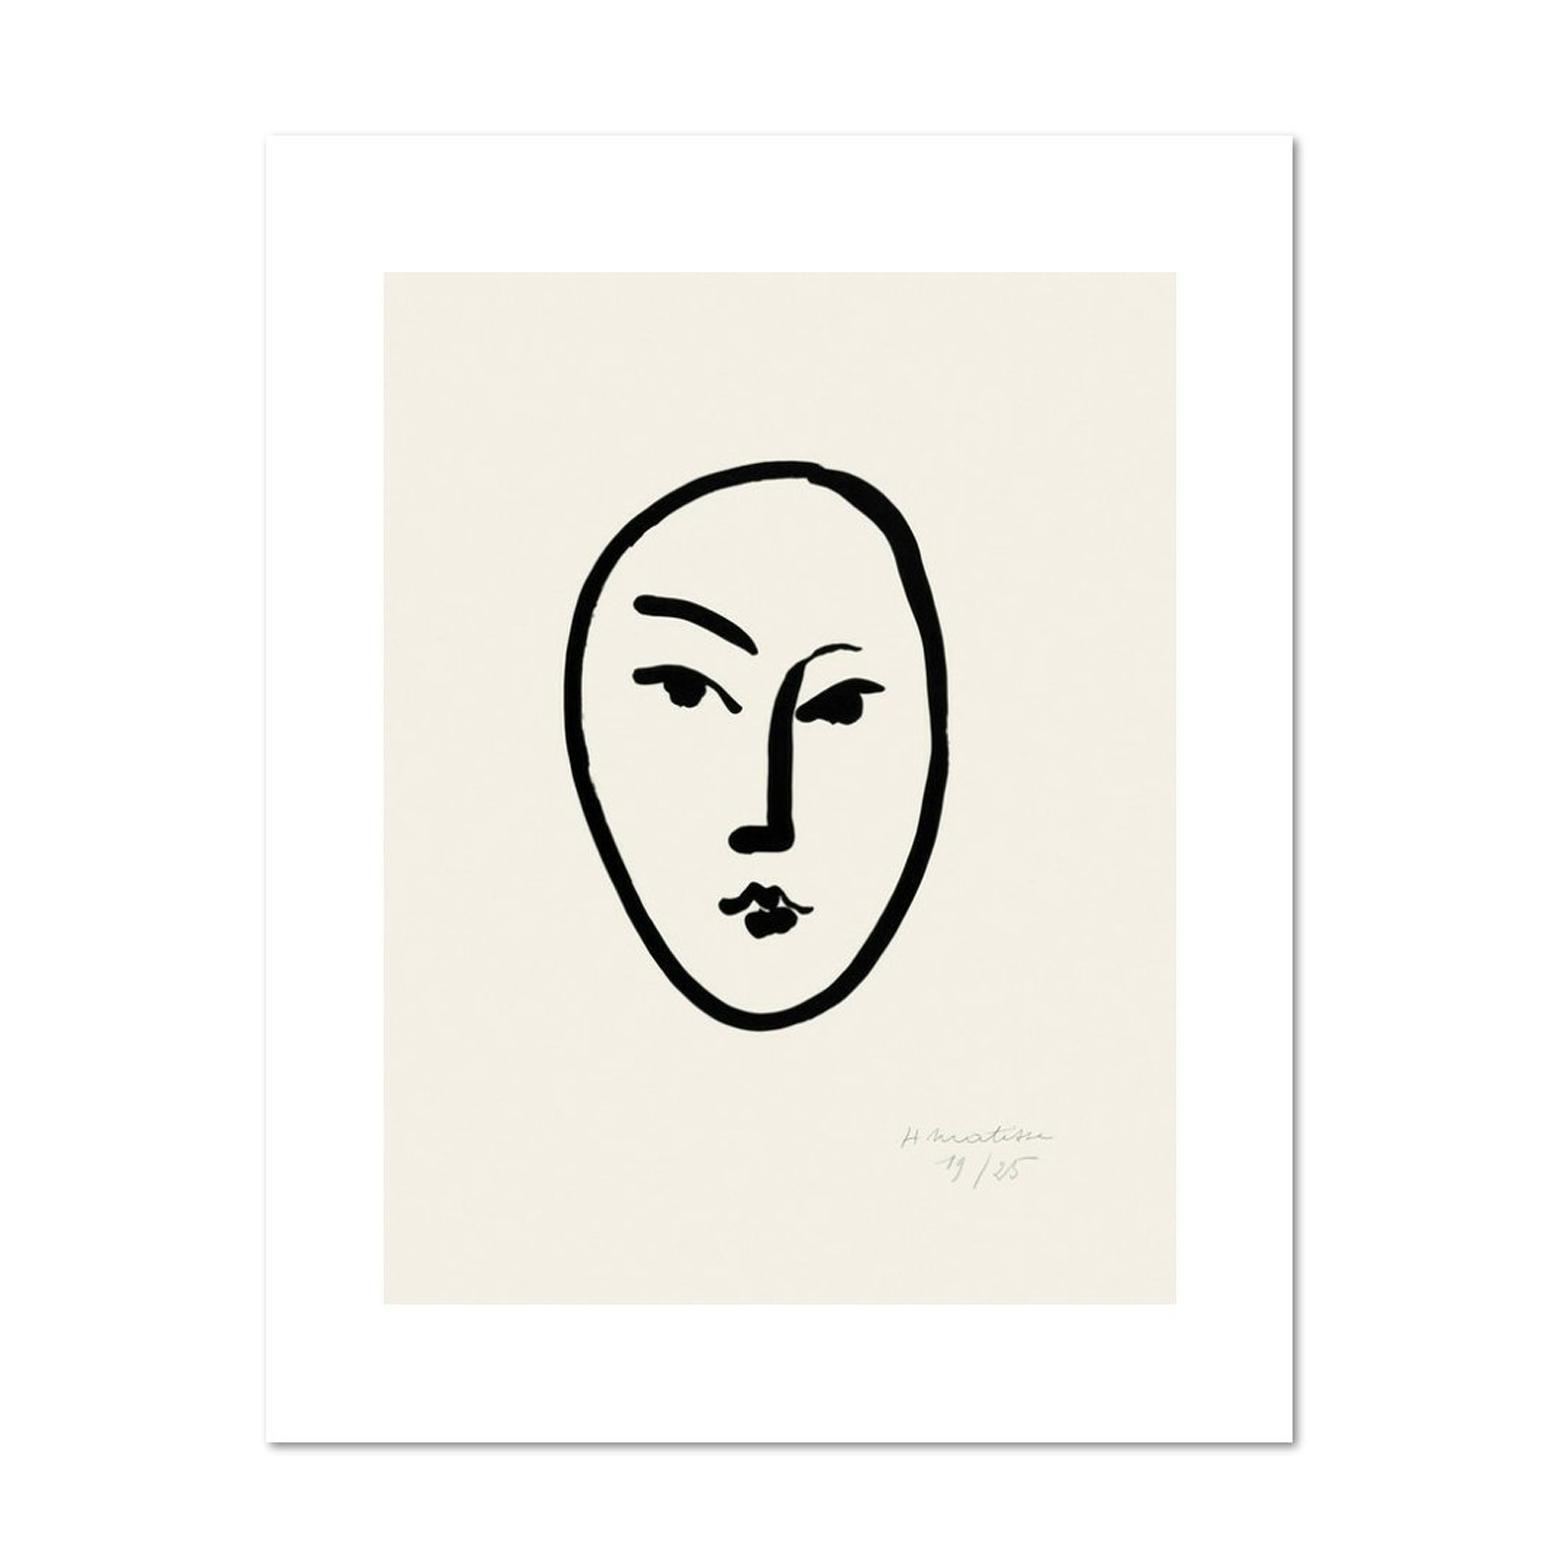 shop Large Mask (Grande masque) by Henri.jpg